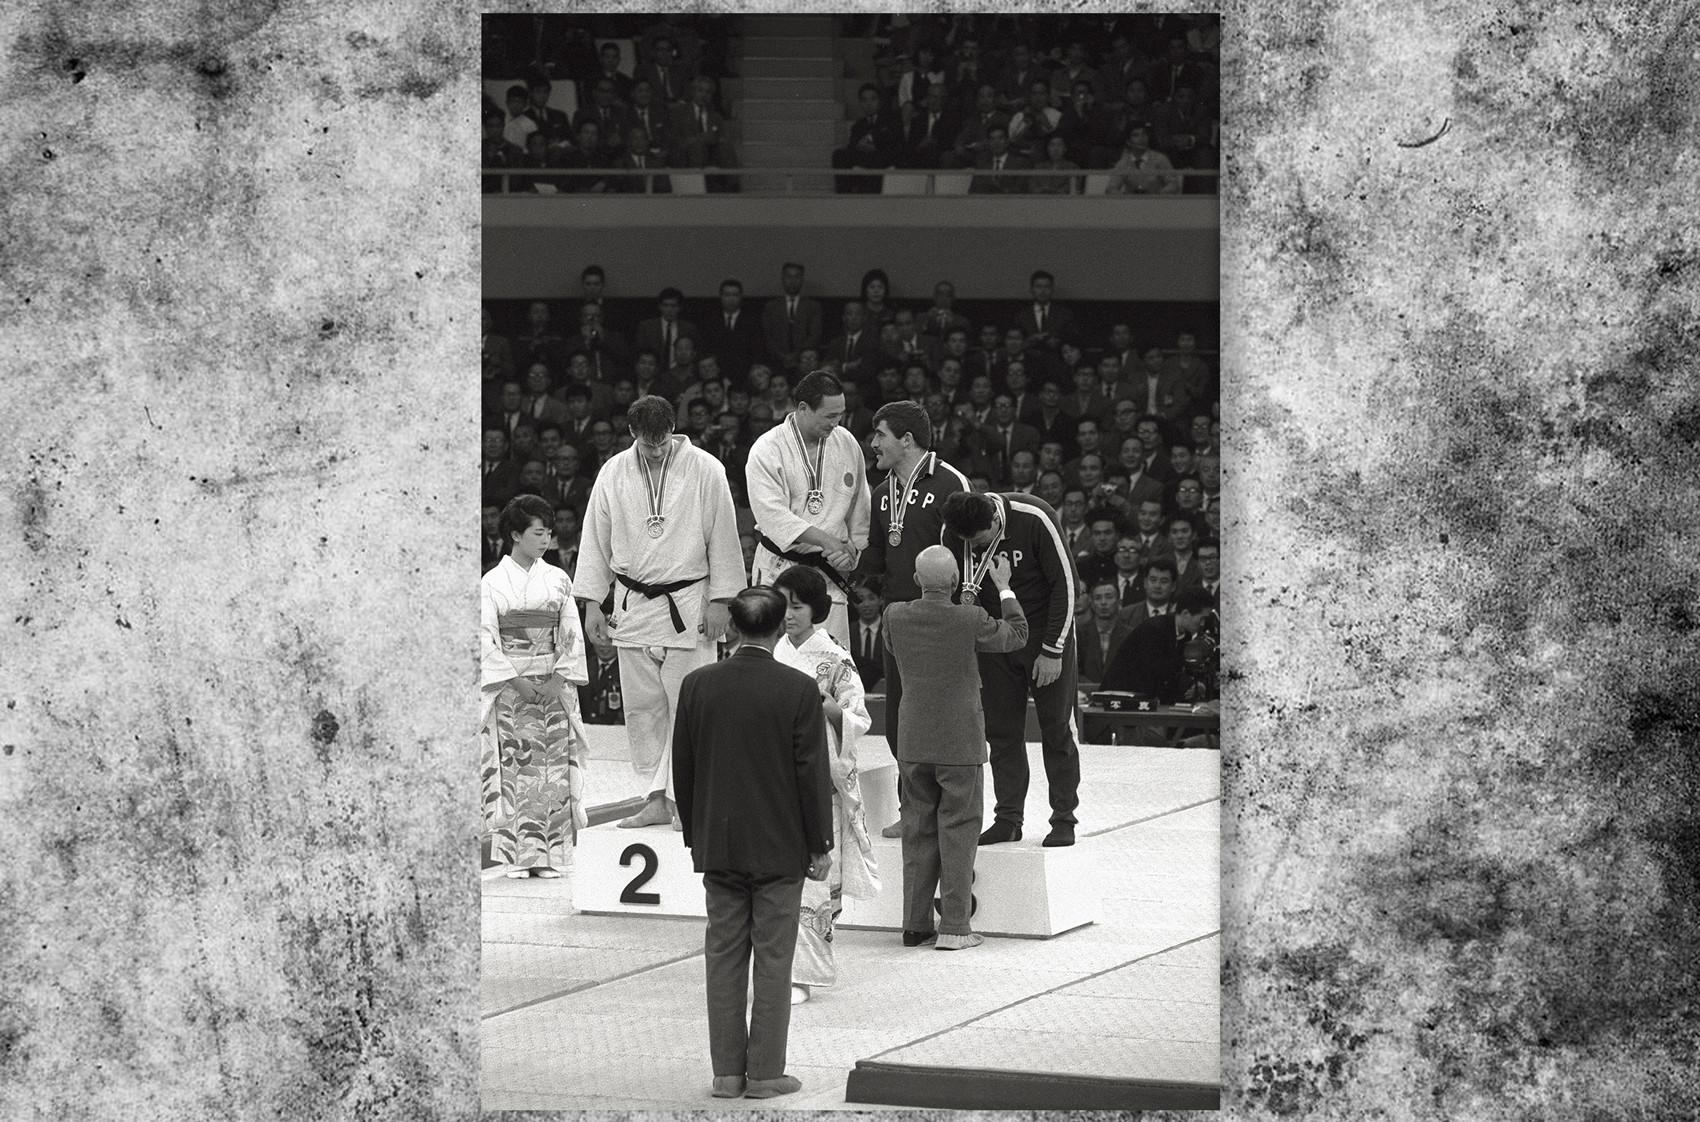 日本の柔道家、猪熊功が最重量級のメダルを受け取る。そばにはカナダのダグ・ロジャース選手、ソ連のパルナオズ・チクヴィラゼ選手とアンゾル・キクナゼ選手が立っている。東京オリンピック、1964年。